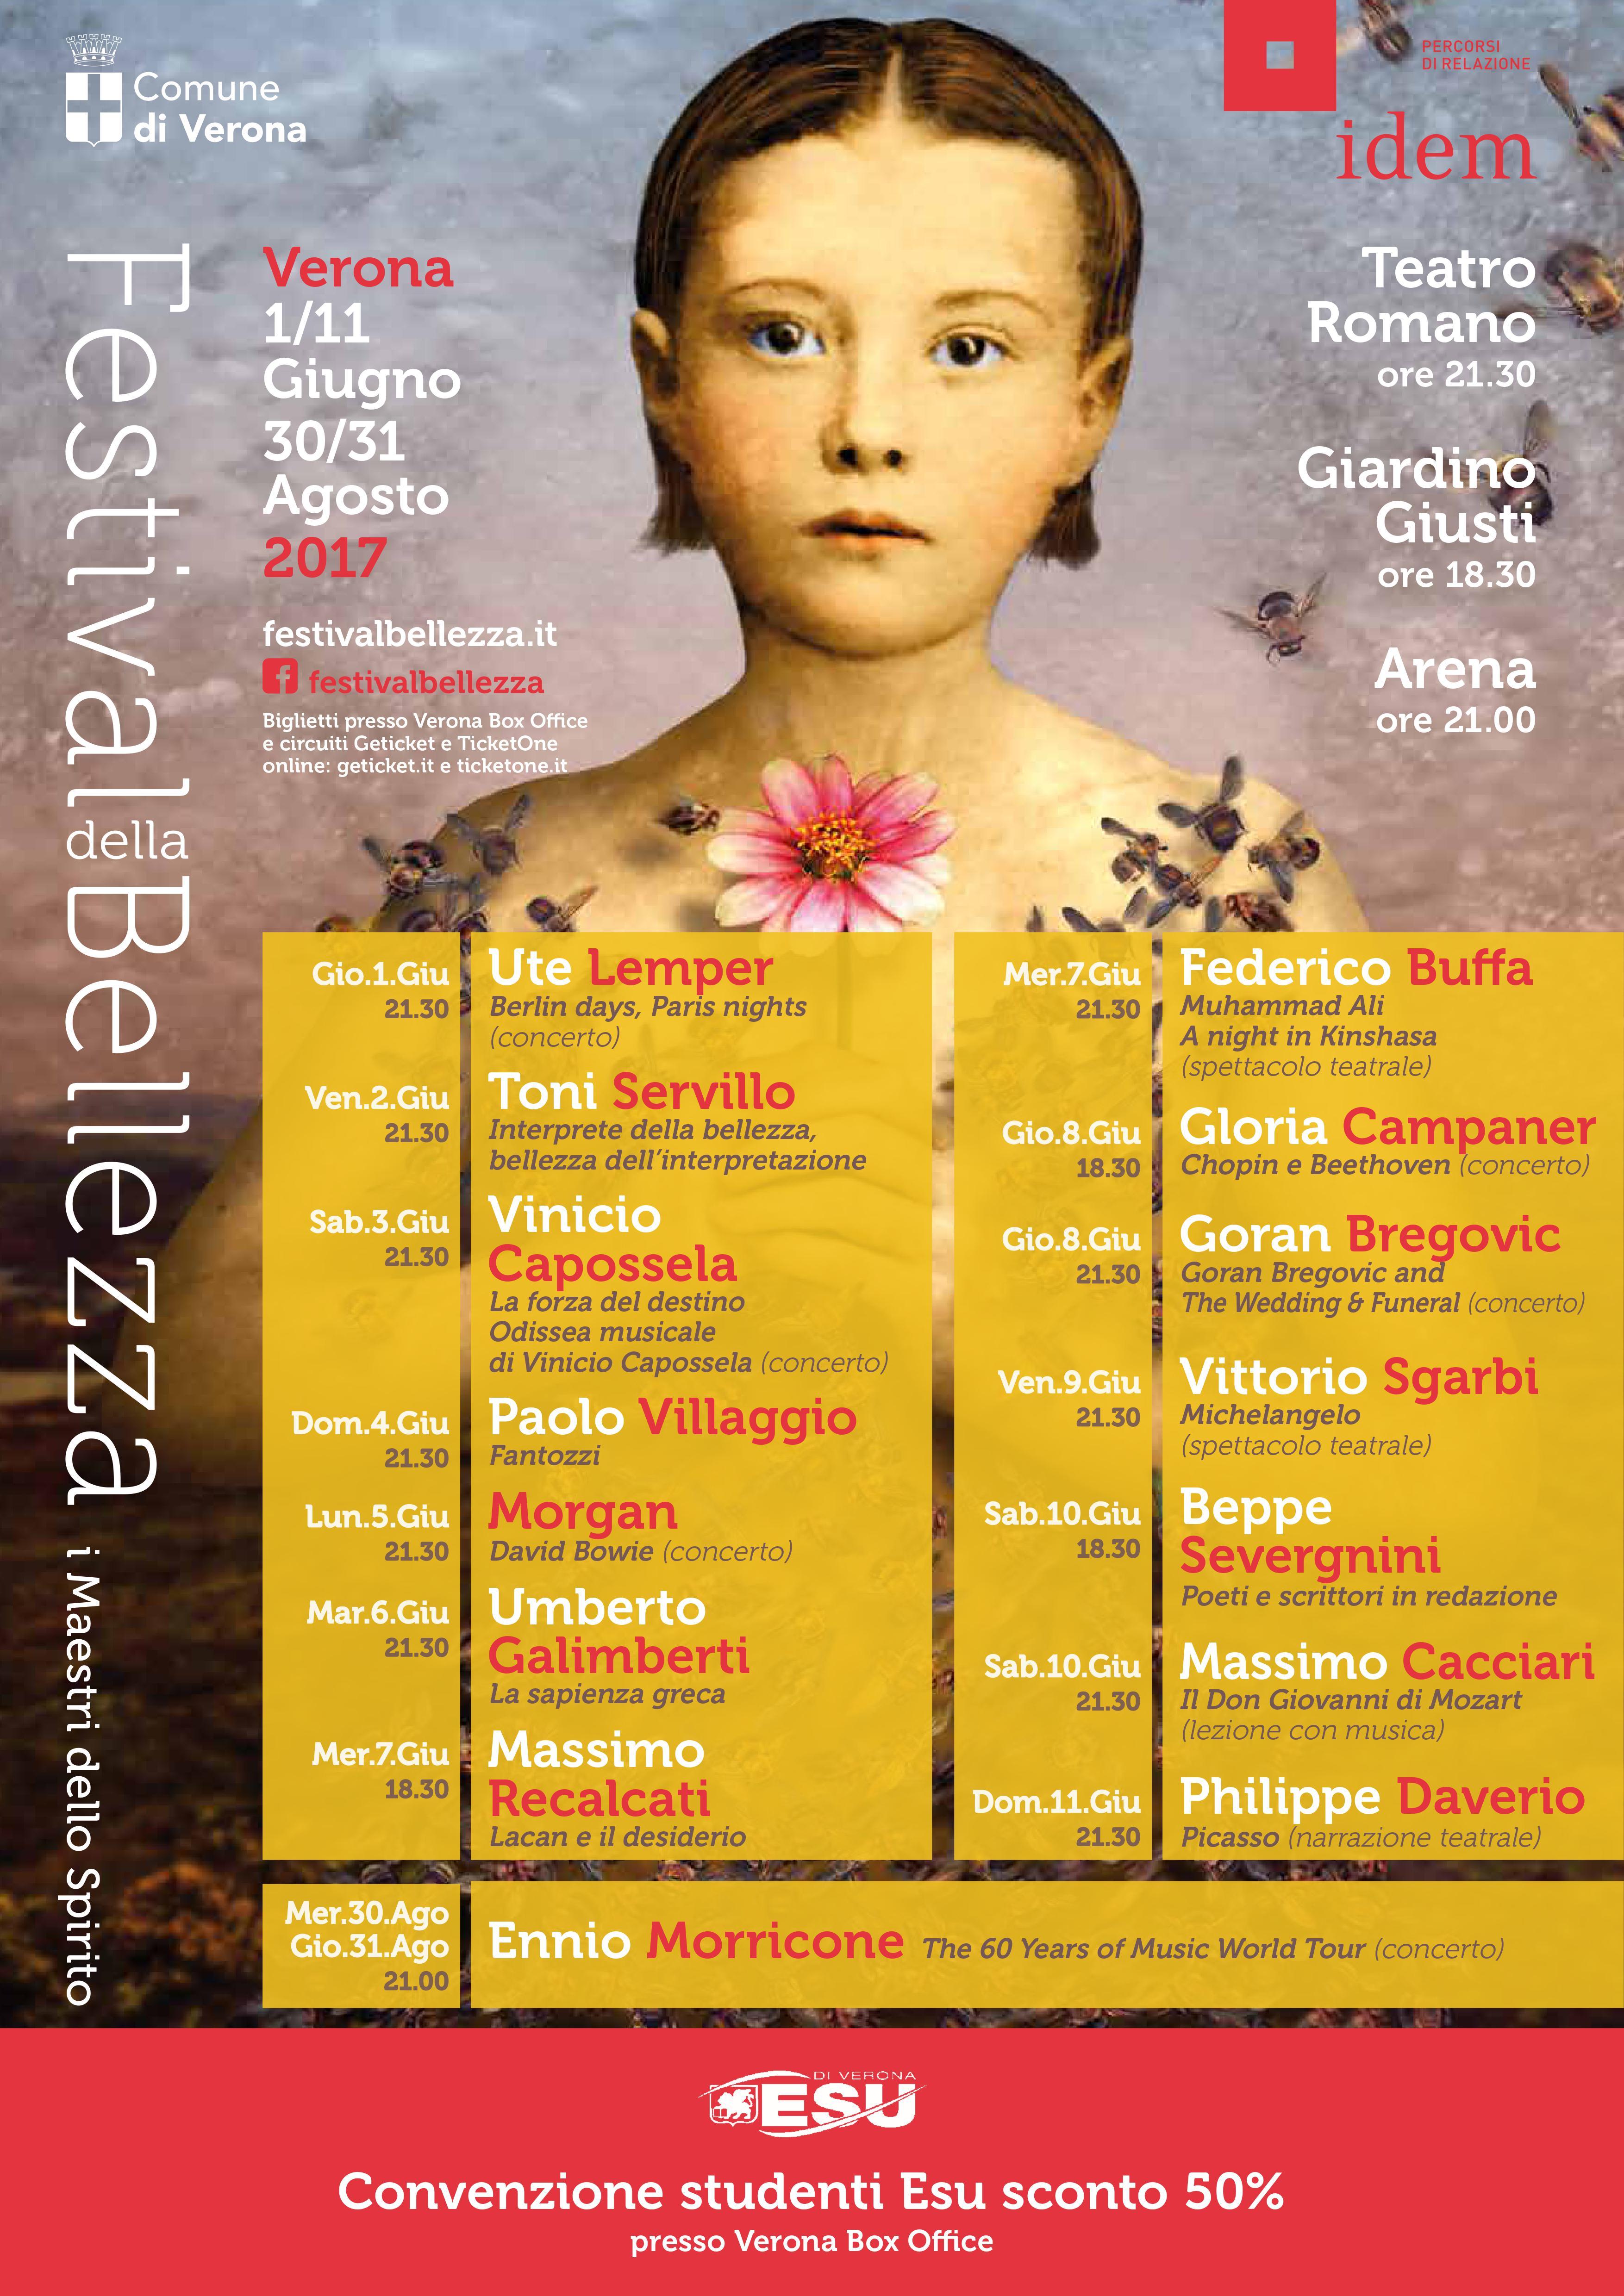 locandina festival della bellezza